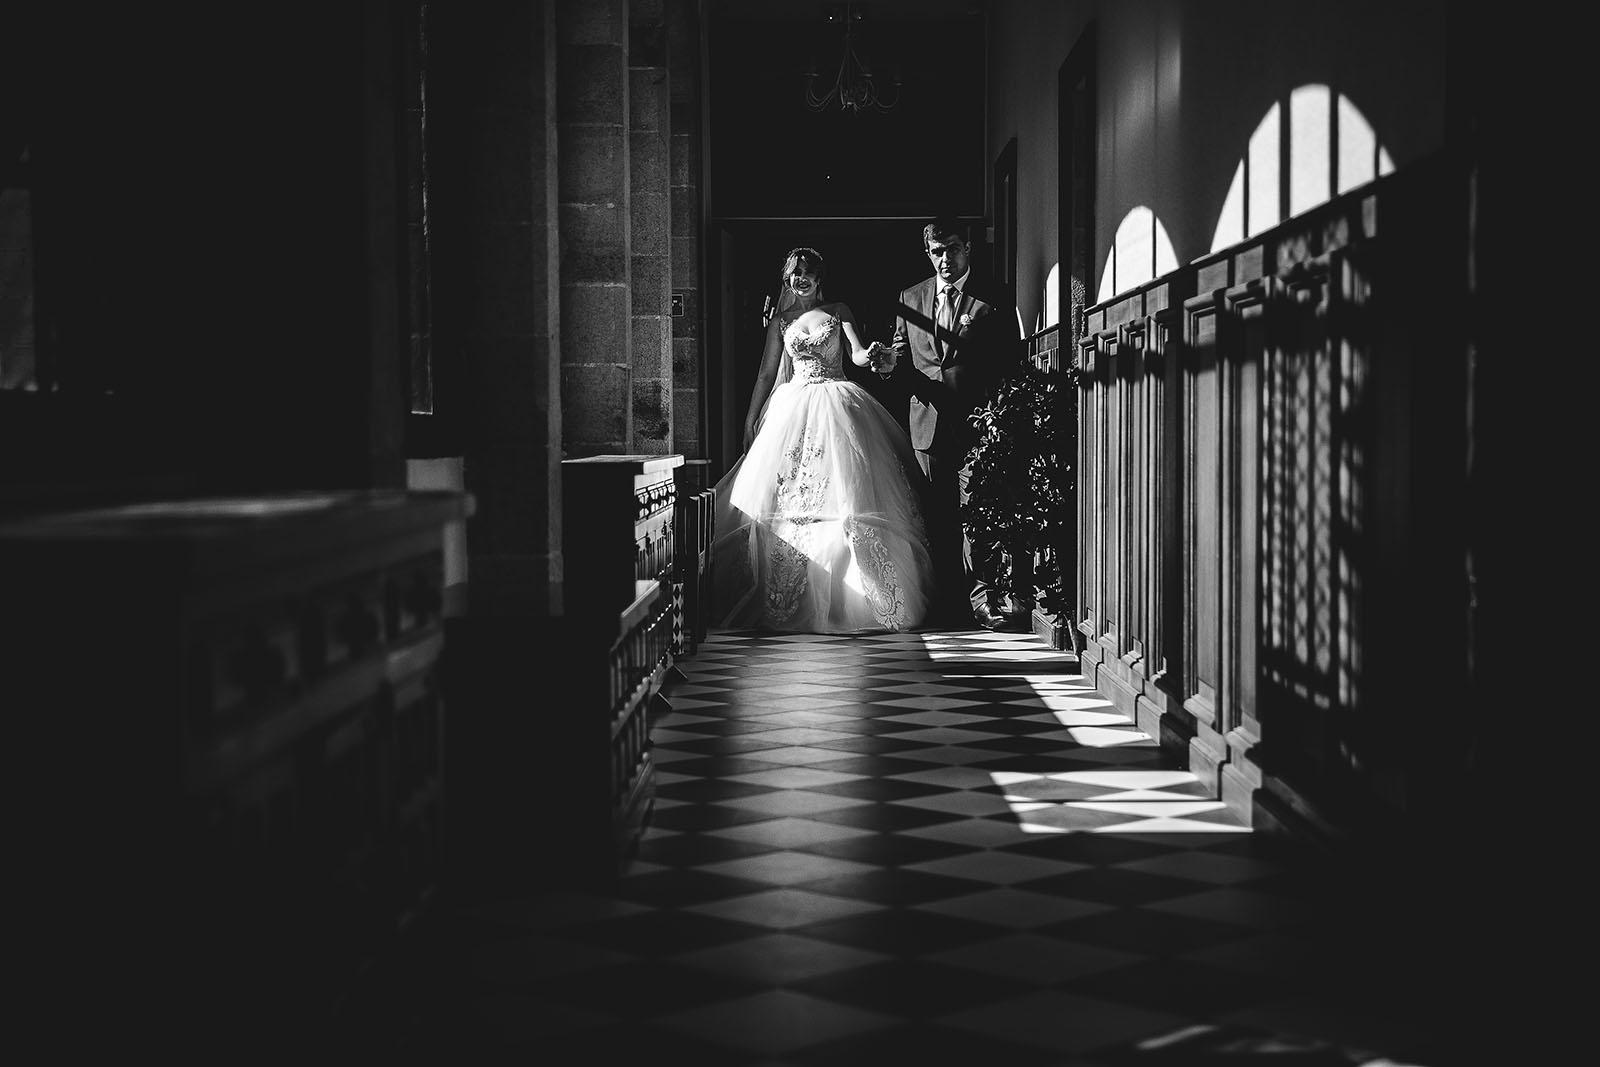 Mariage au Château de Beguin David Pommier photographe de mariage. Les mariés dans les couloirs du château